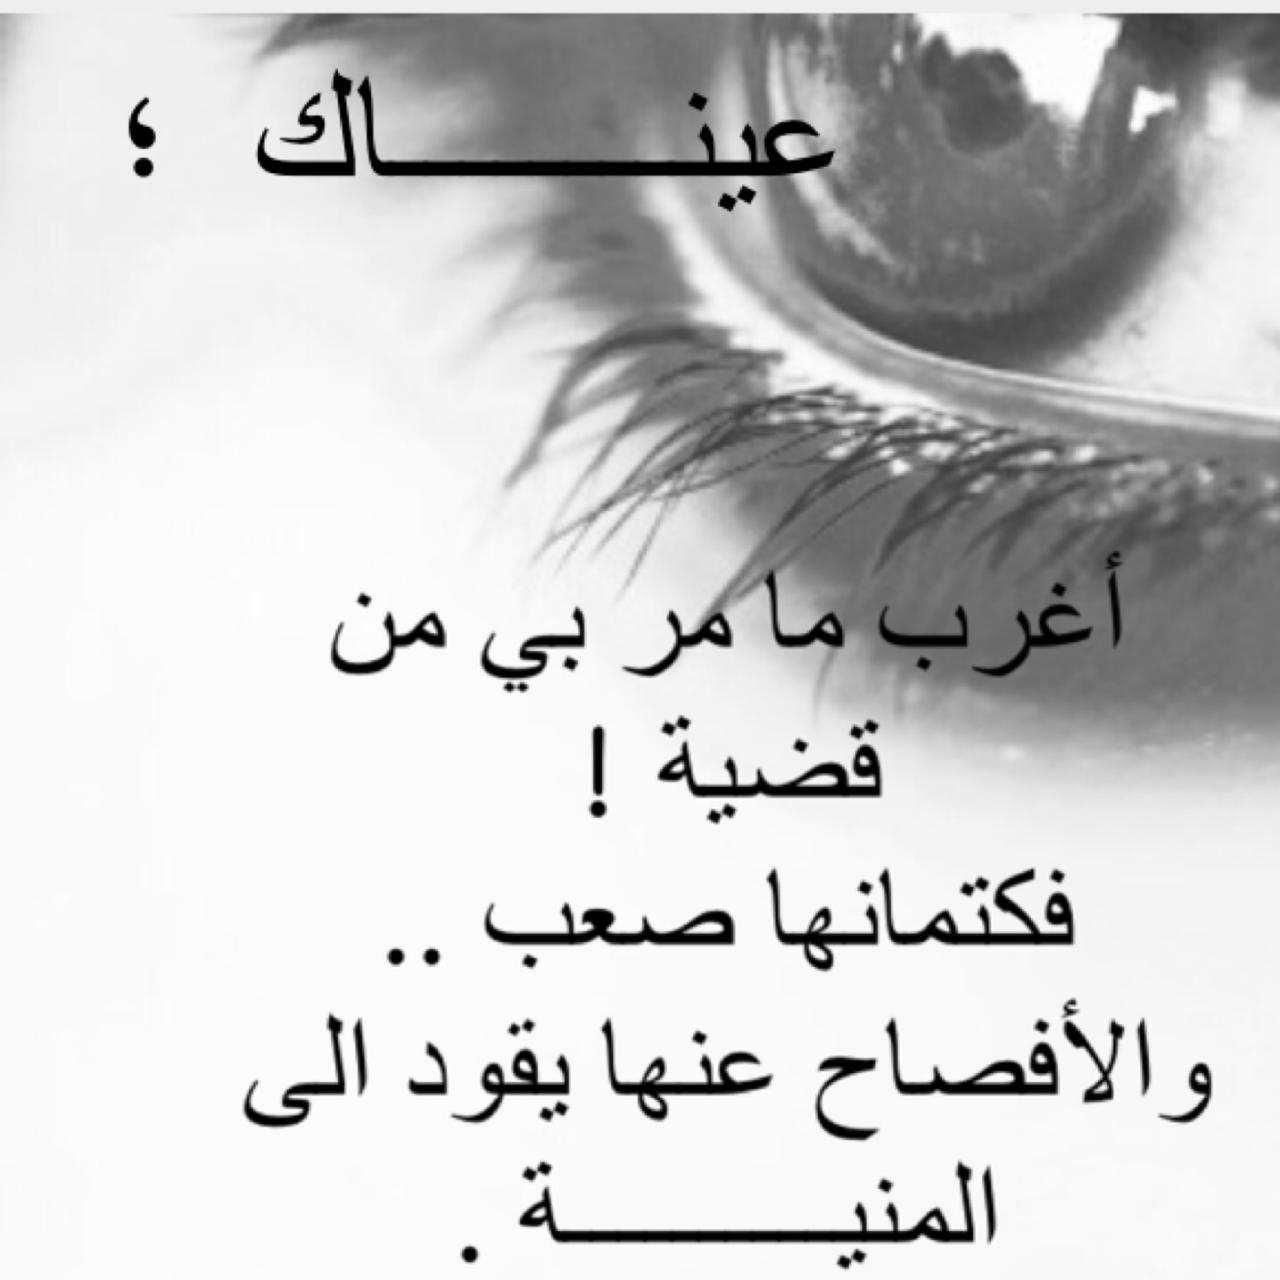 بالصور قصائد غزل فاحش , الشعر هو غذاء الروح والنفس 5109 10